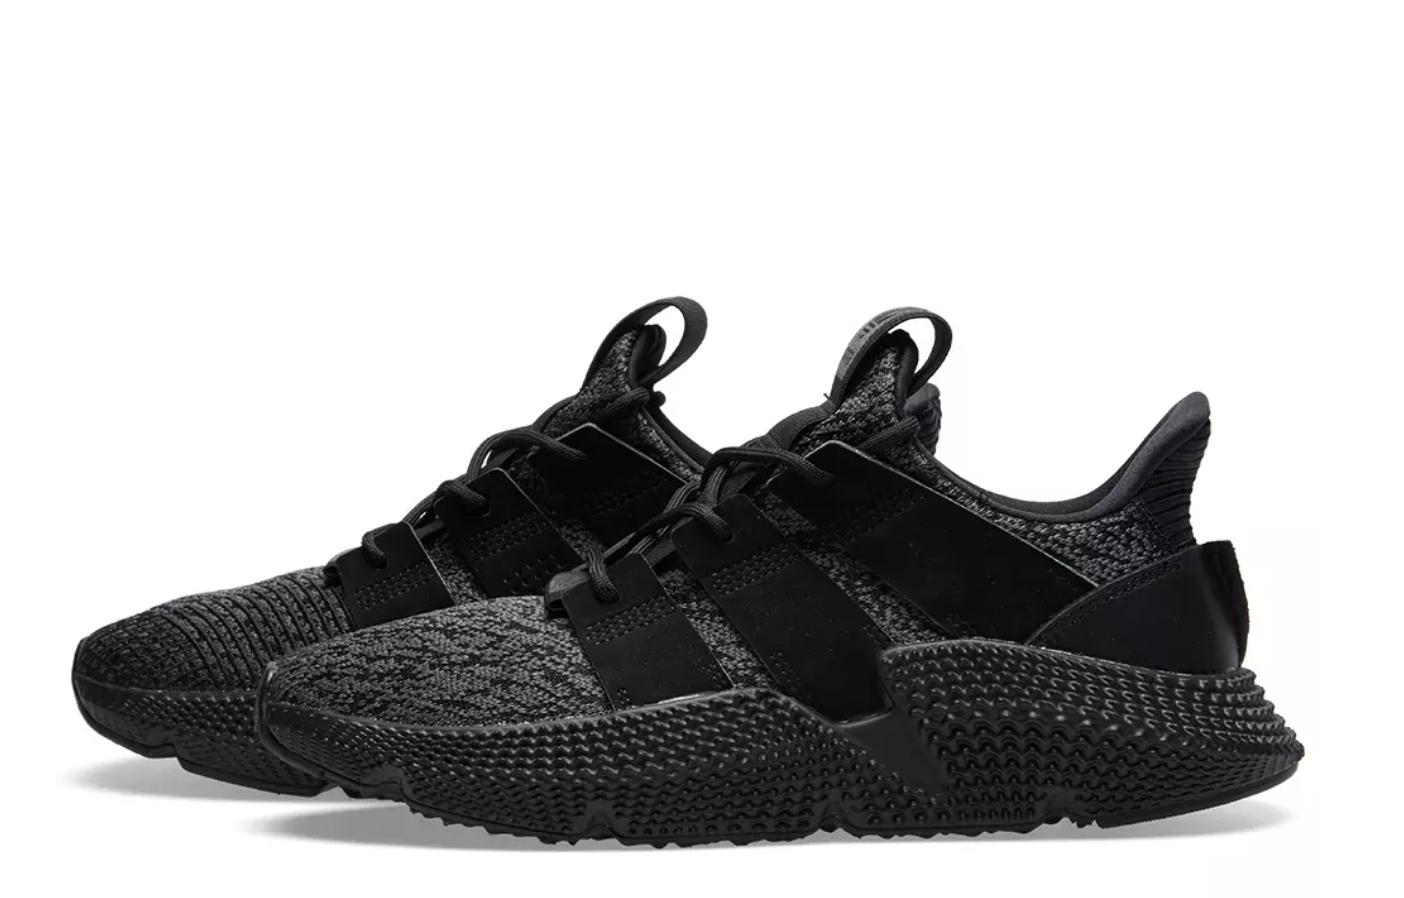 Nouveau Adidas Originals prophere homme triple noir CQ2126 c1